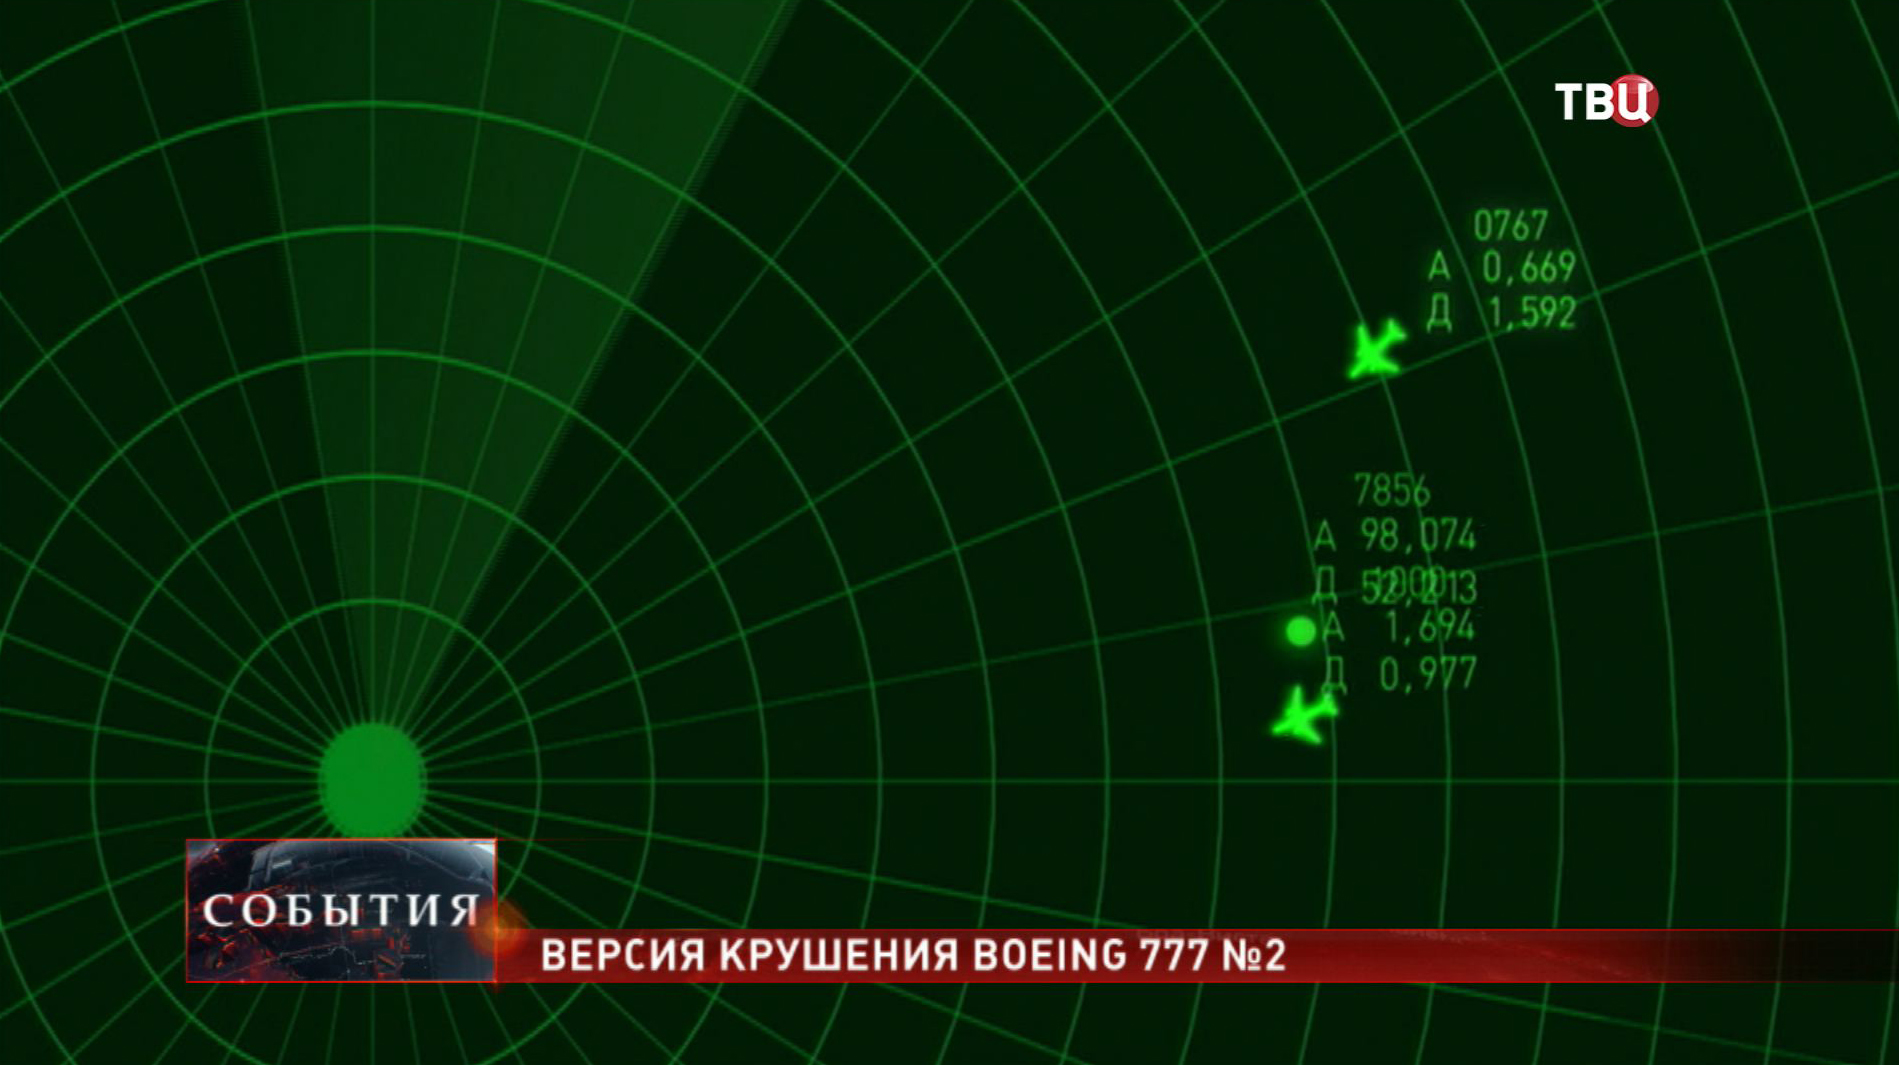 """Инфографика: вторая версия крушения Boeing 777 """"Малайзийских авиалиний"""""""